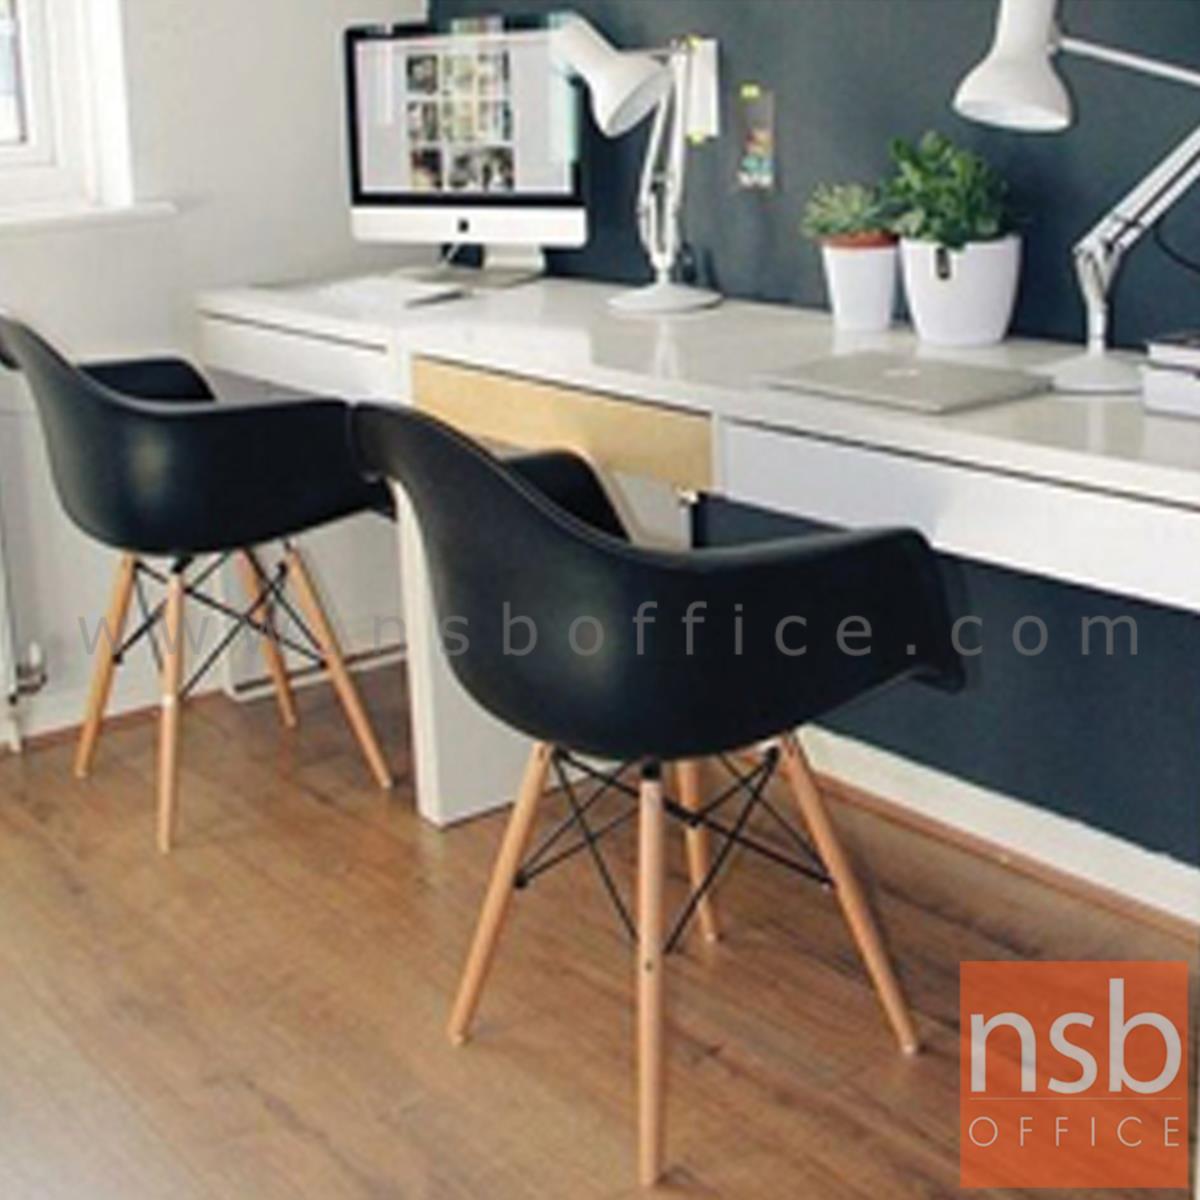 เก้าอี้โมเดิร์นโพลี่ รุ่น Nazario (นาซารีโอ) ขนาด 62W cm. โครงเหล็กเส้นพ่นดำ ขาไม้สีบีช